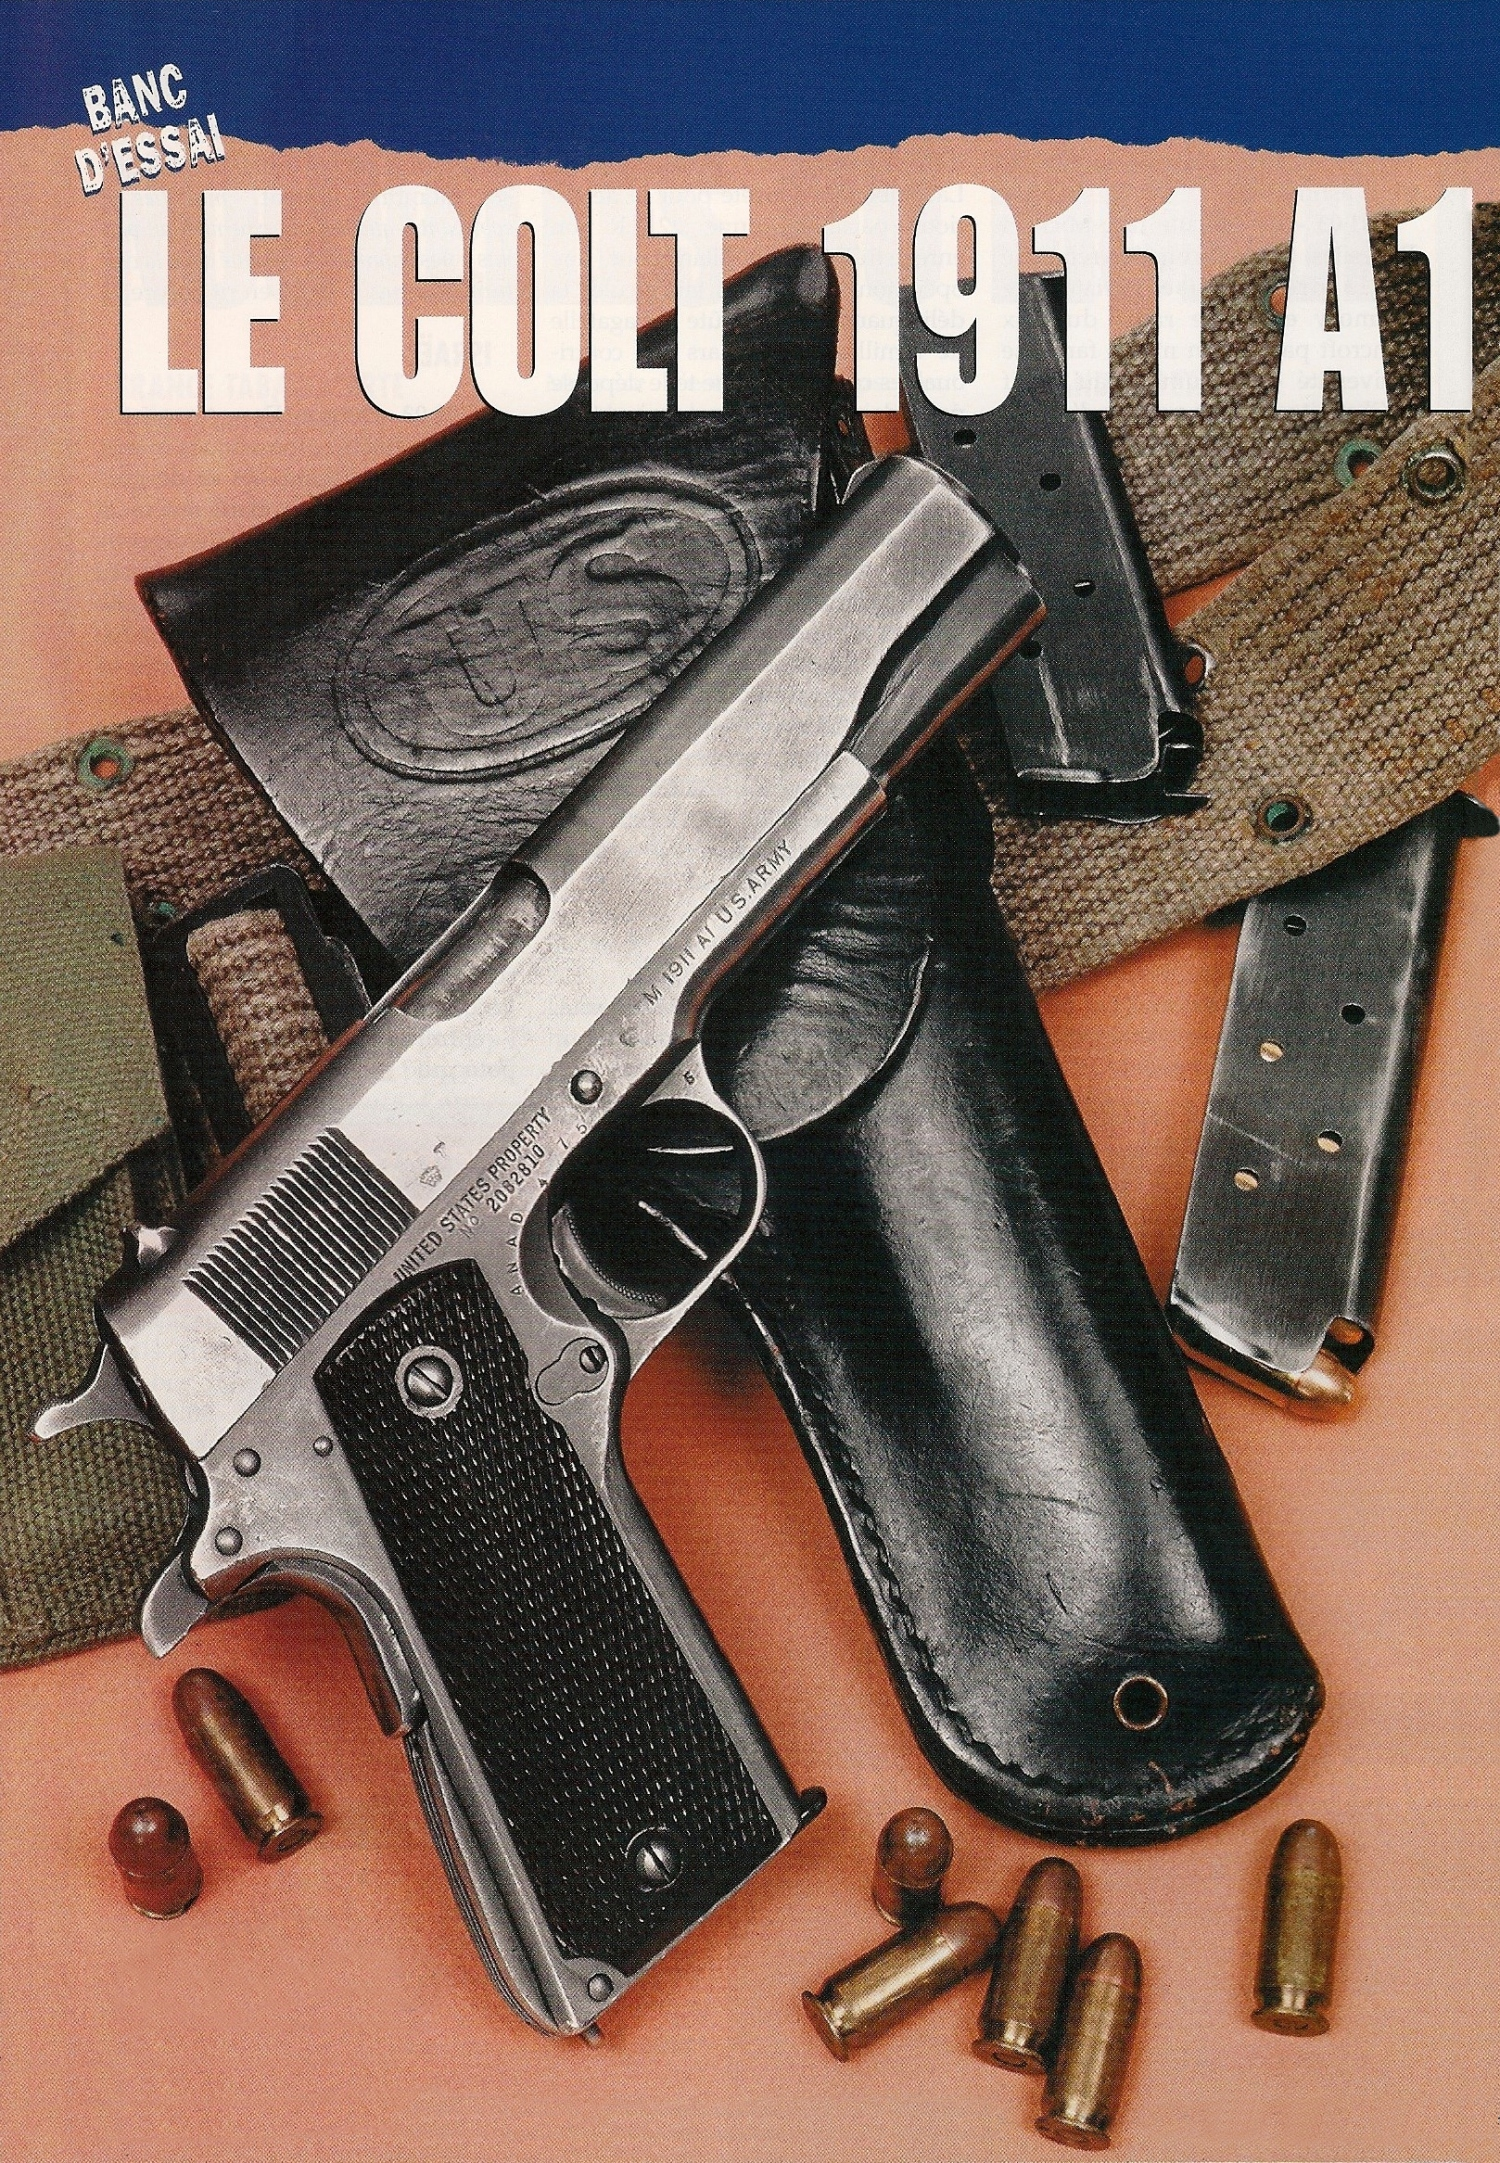 Le pistolet réglementaire modèle 1911 A1 de la Seconde Guerre mondiale, présenté dans un environnement d'époque.